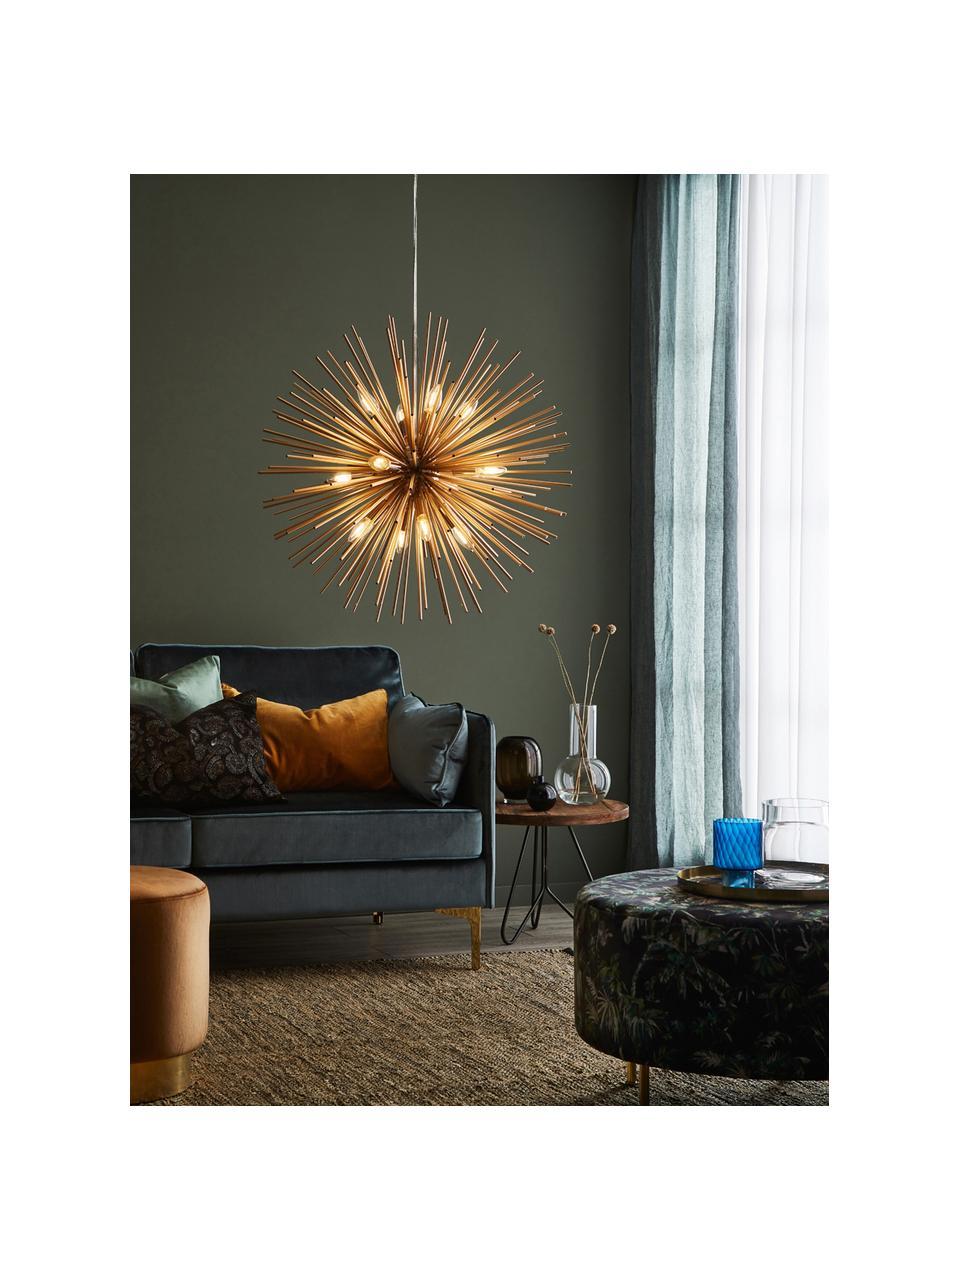 Große Design Pendelleuchte Soleil, Lampenschirm: Metall, beschichtet, Baldachin: Metall, beschichtet, Messingfarben, Ø 72 cm